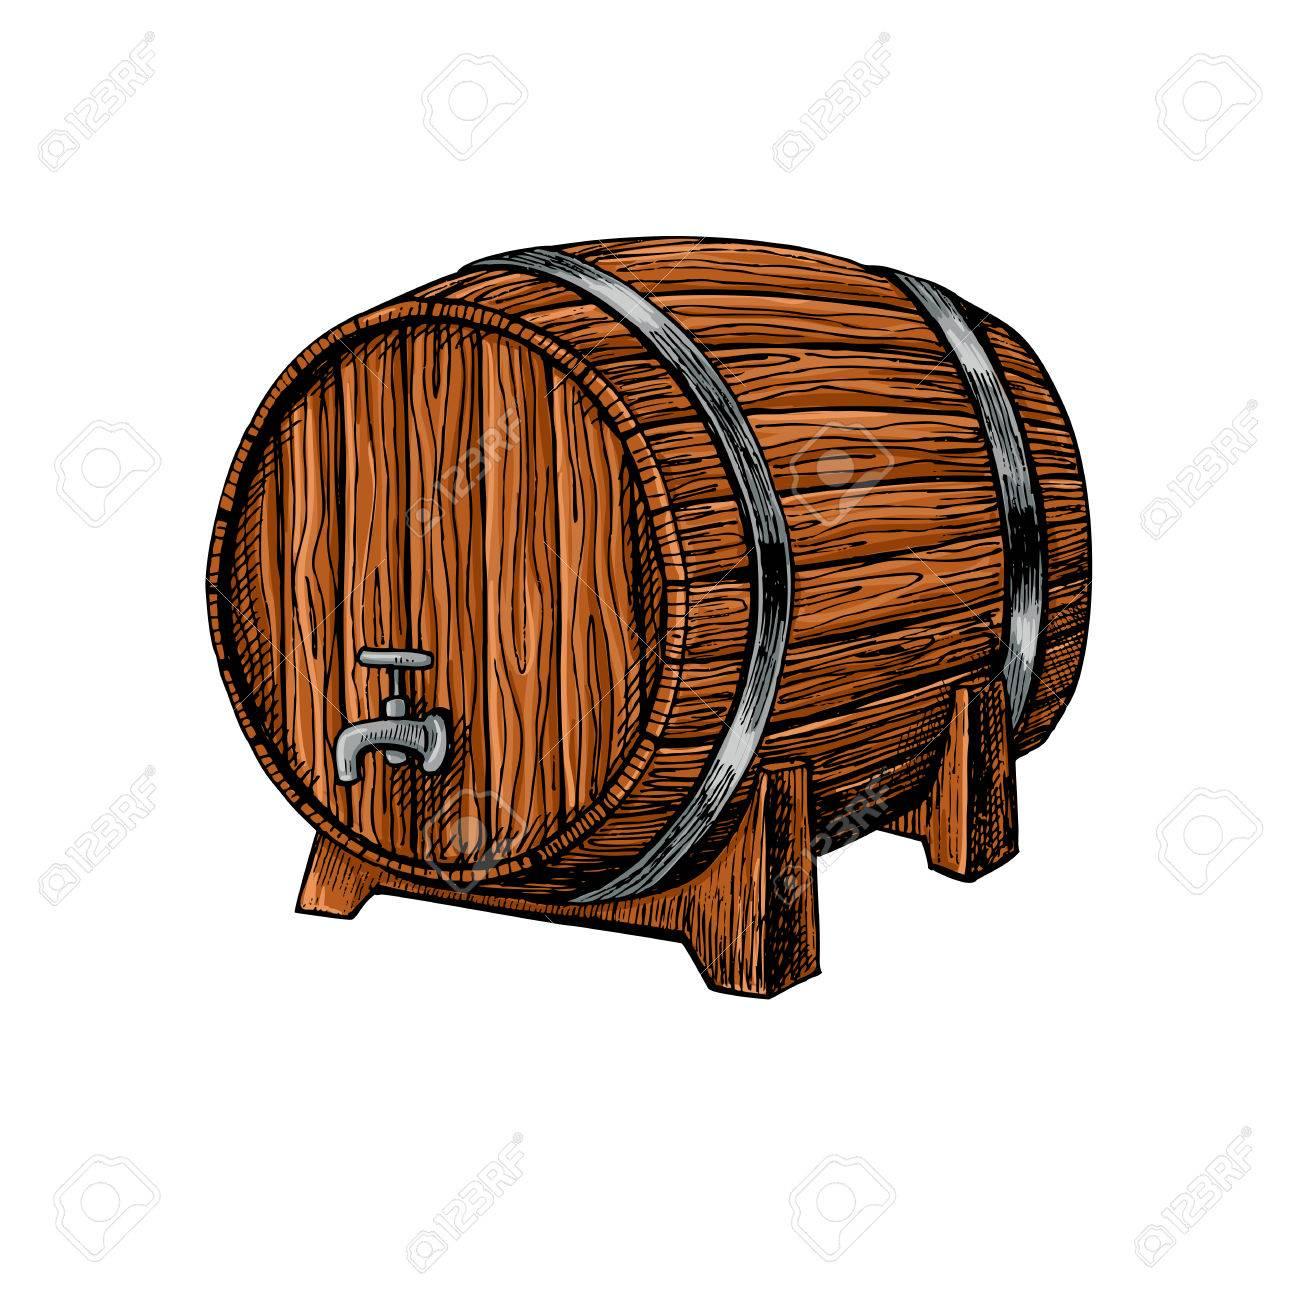 Wooden barrel top clipart clip art library download Barrel Cliparts | Free download best Barrel Cliparts on ... clip art library download